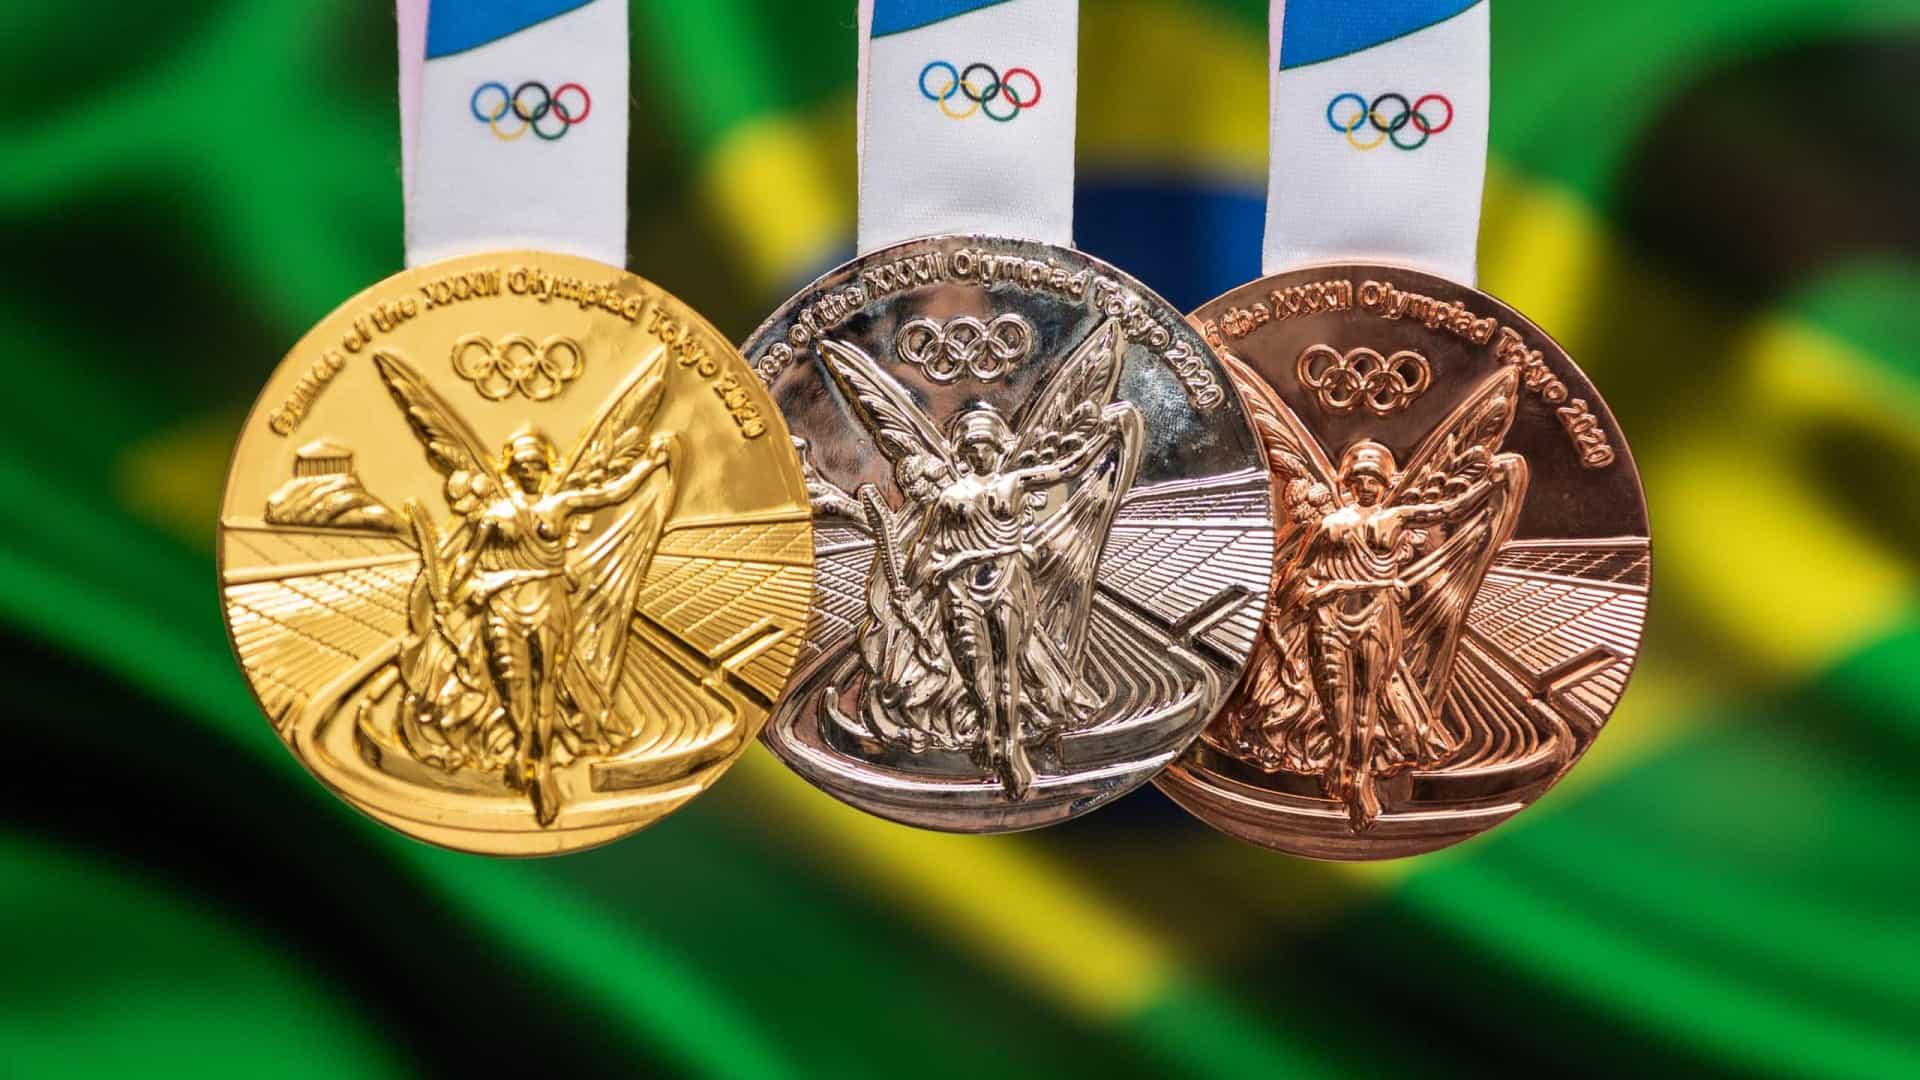 Brasil chega a 19 medalhas nas Olimpíadas e alcança desempenho raro